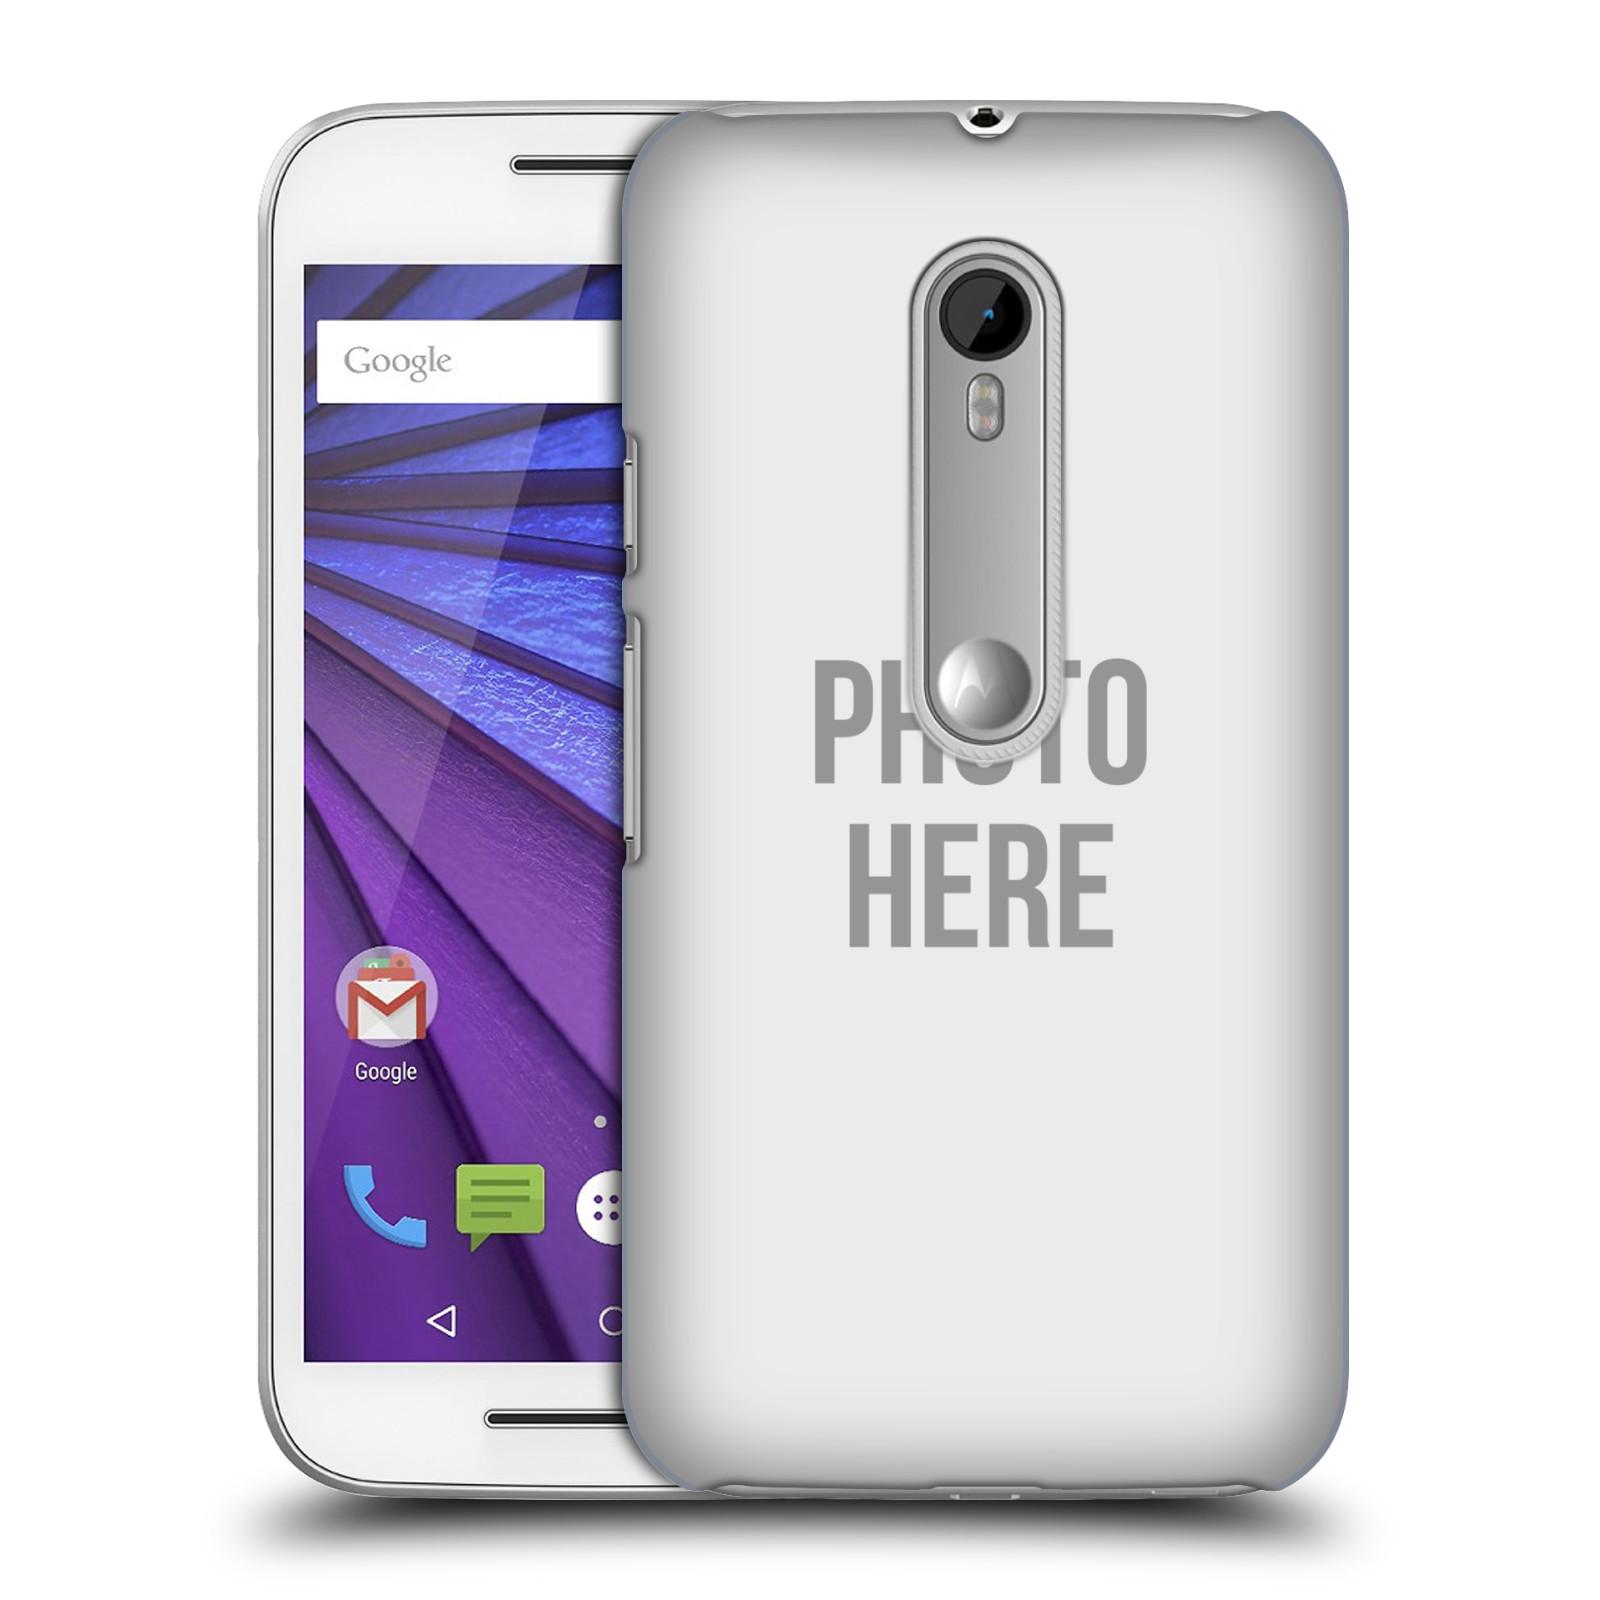 Plastové pouzdro na mobil Motorola Moto G 3RD GENERATION HEAD CASE s vlastním motivem